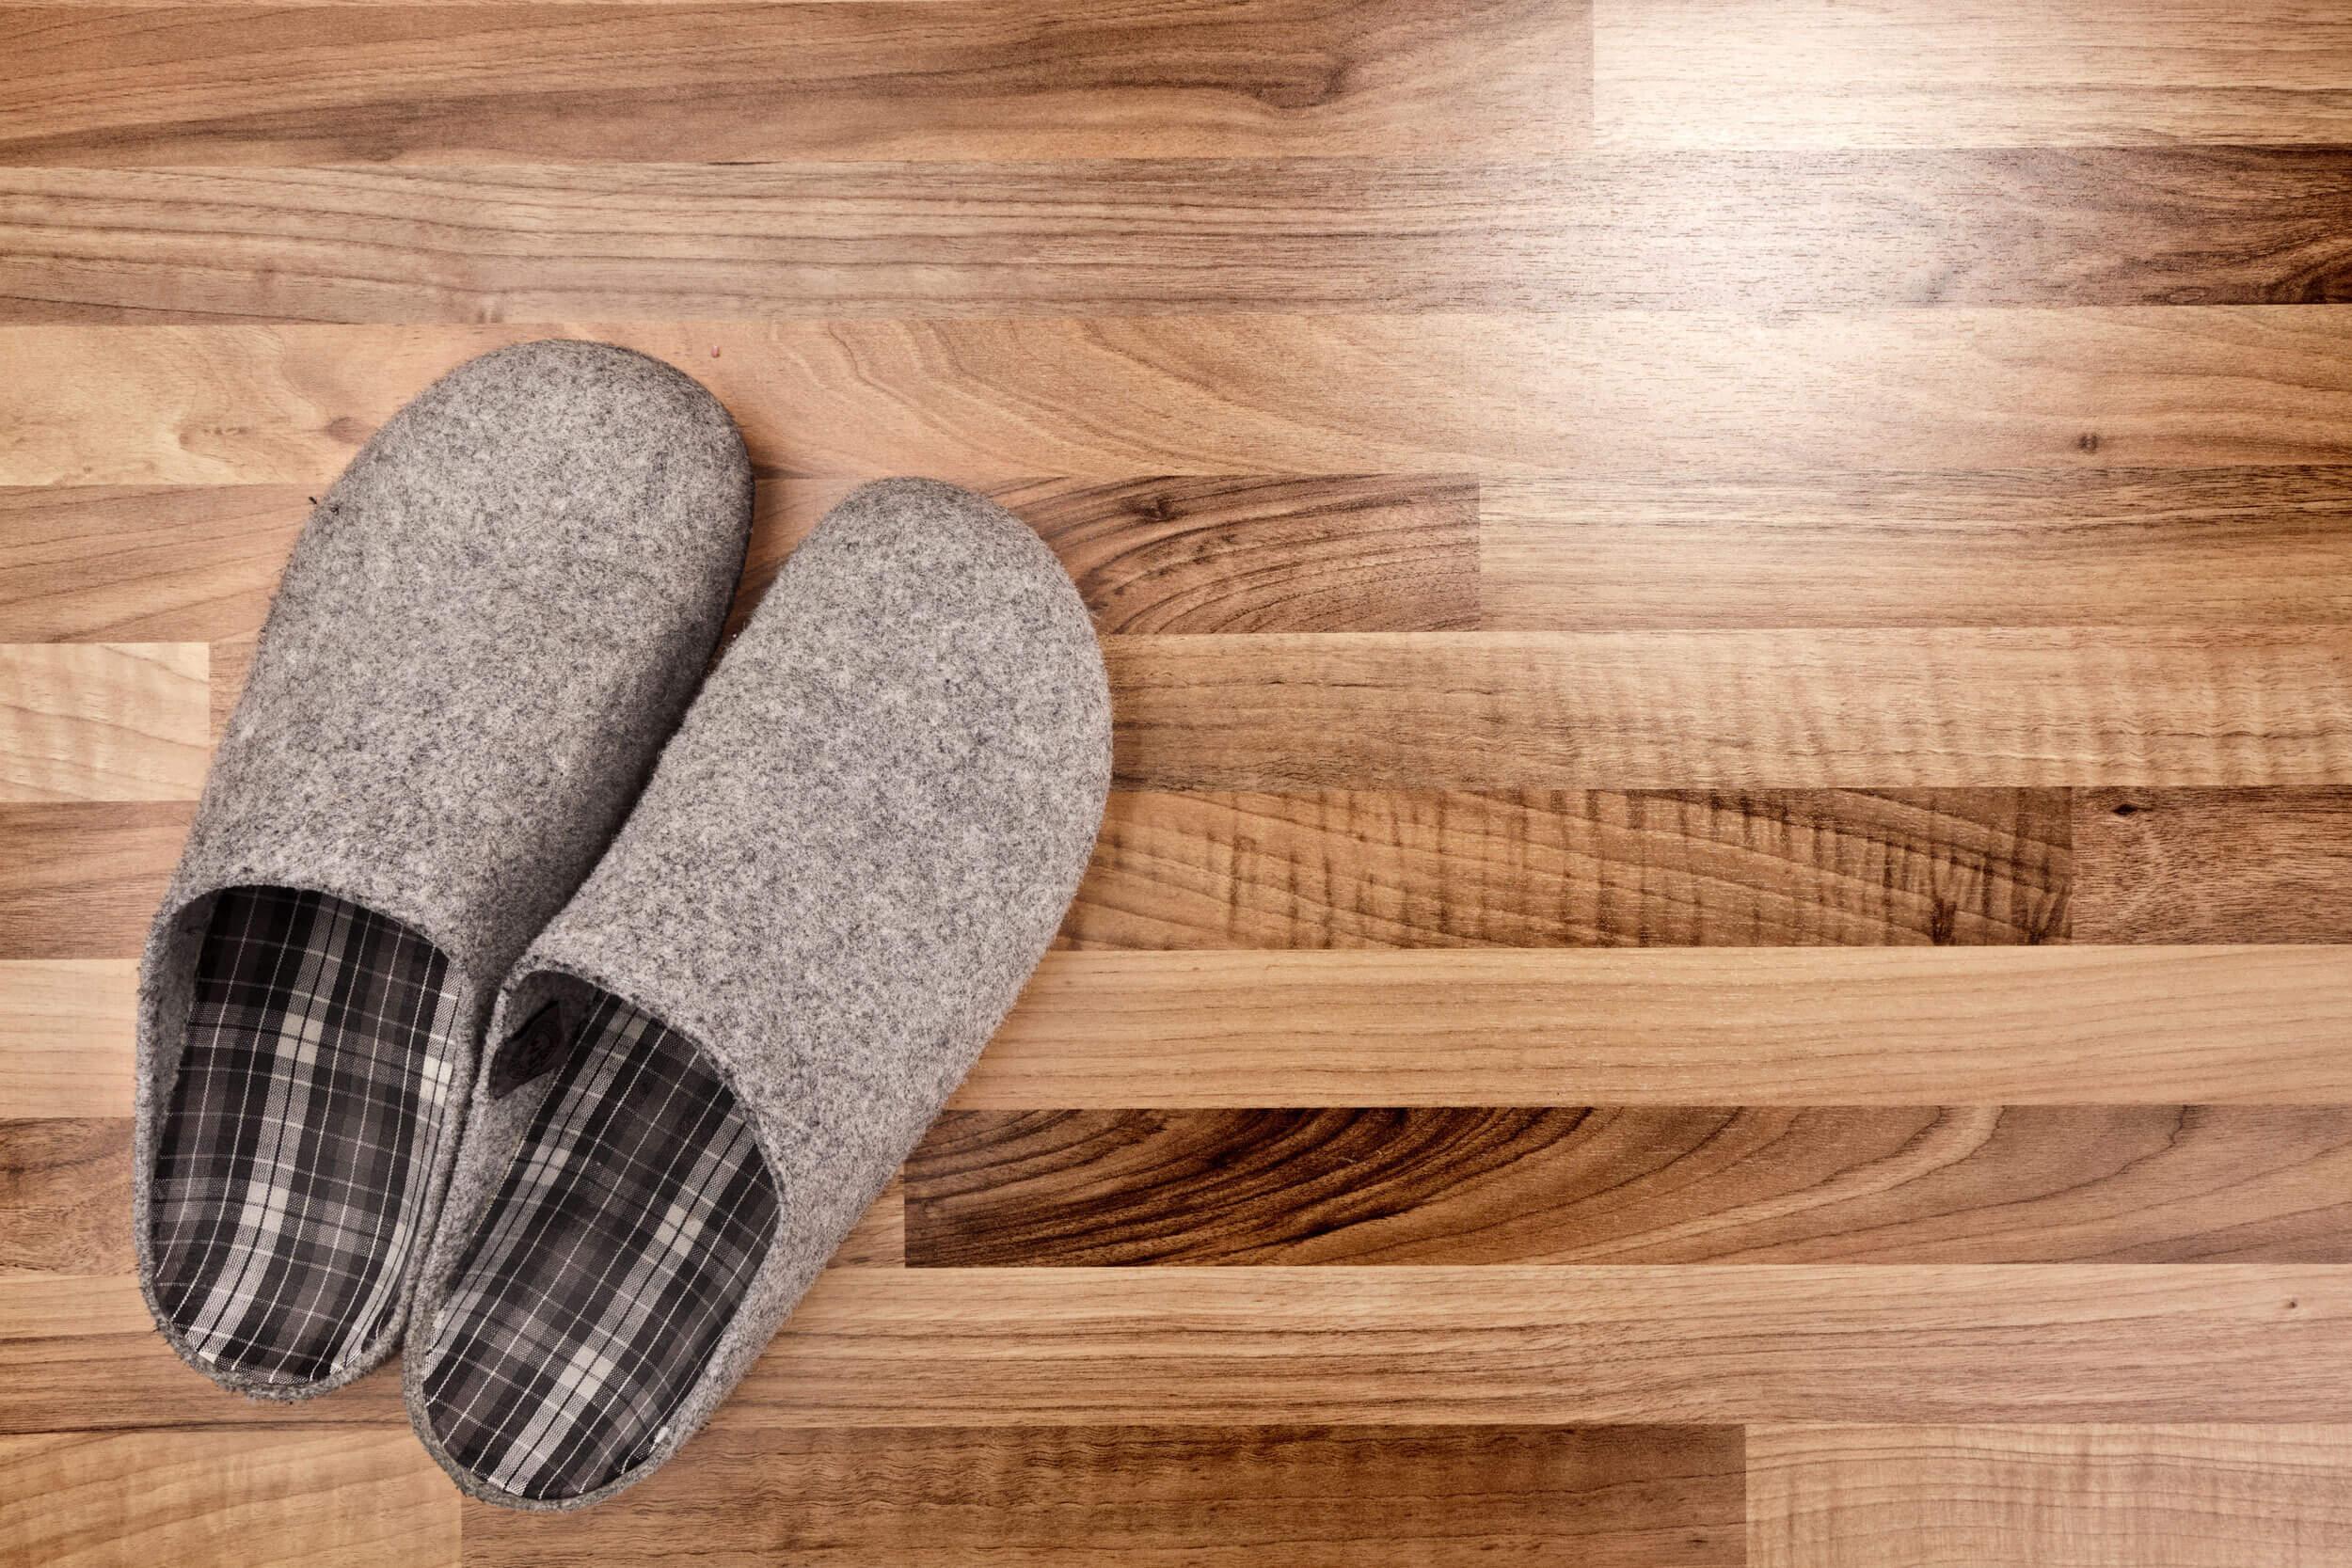 coastal-wood-flooring